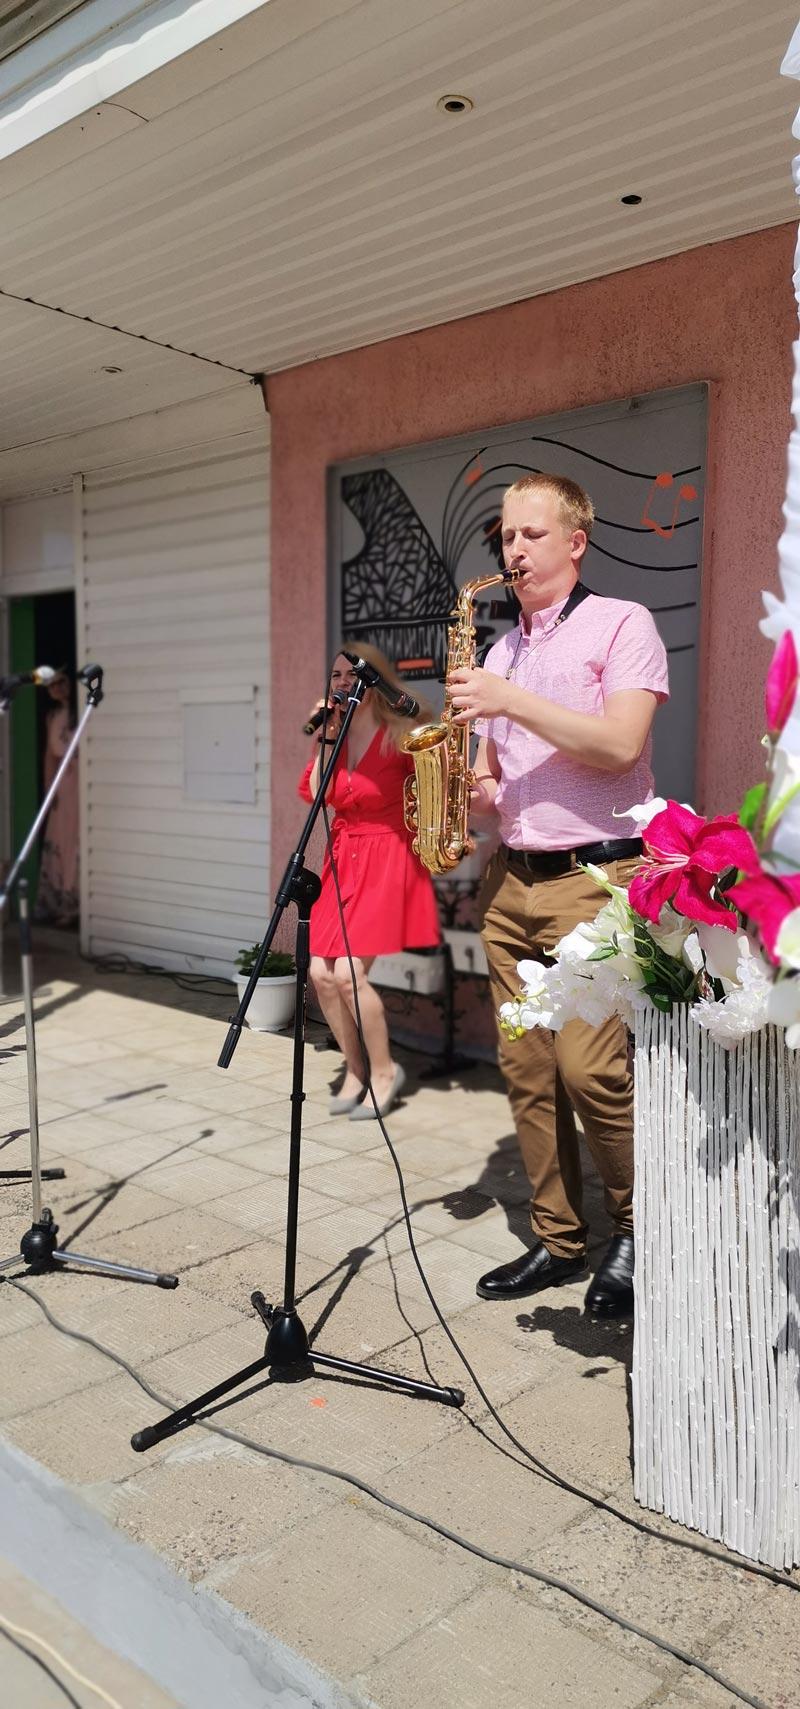 Двухчасовой концерт, аниматор, подарки: как прошел День подписчика в Лошнице